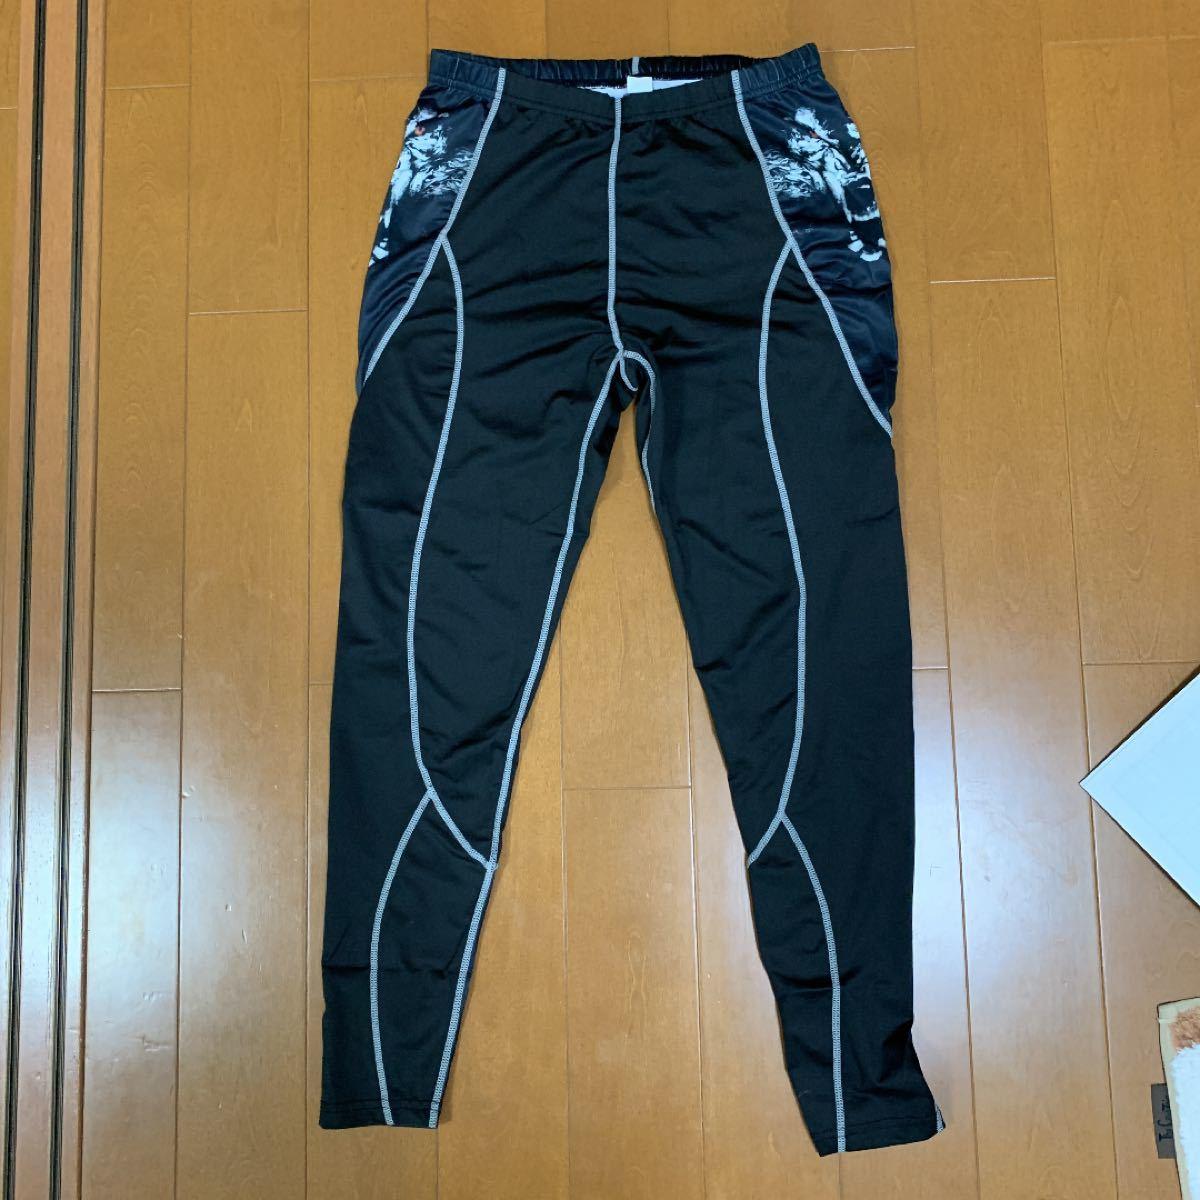 上下セット アンダーシャツ タイツ メンズ 長袖 加圧インナー スポーツウェア Lサイズ